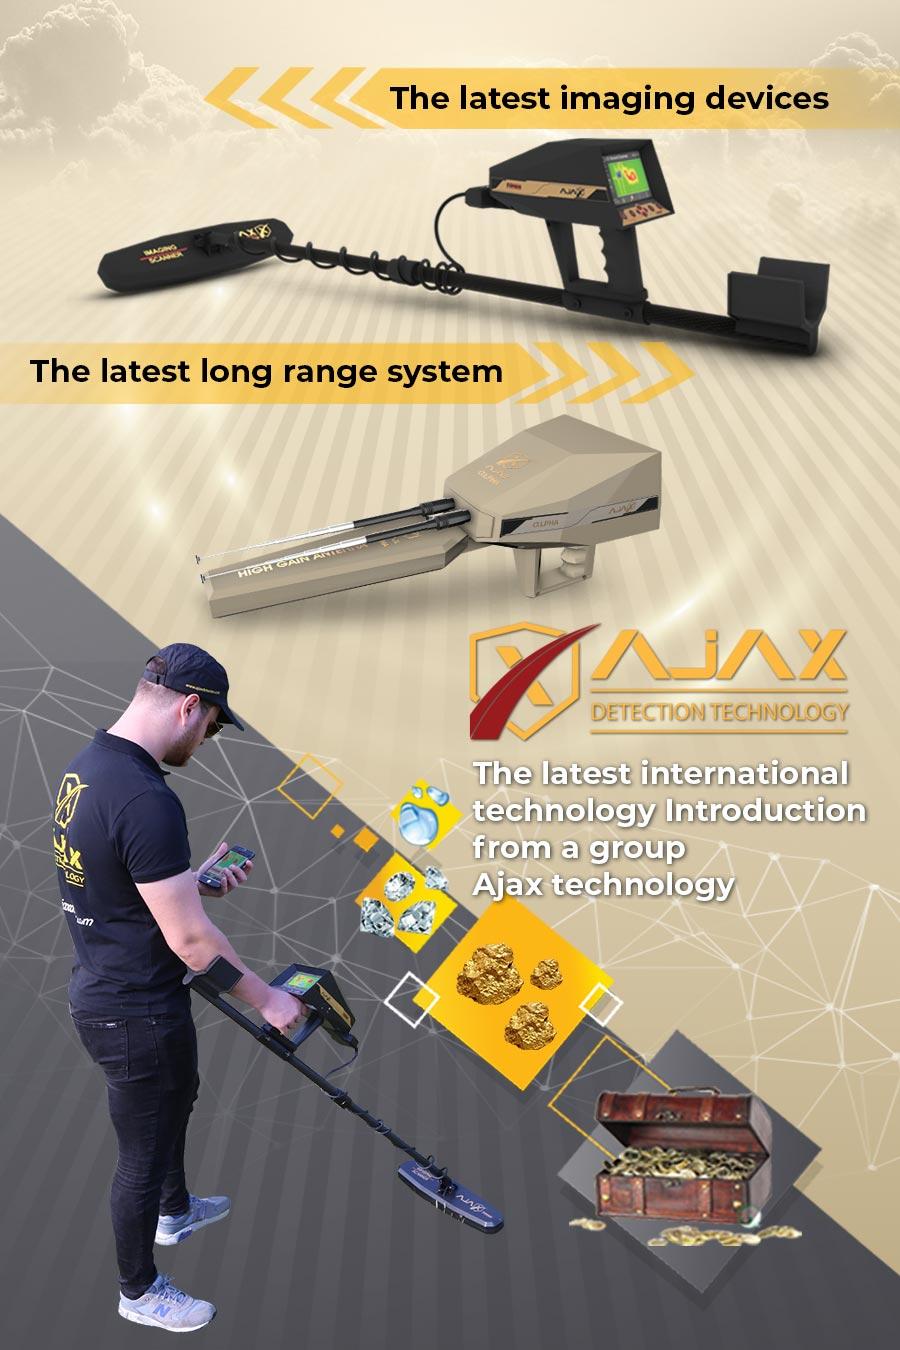 Ajax-mobile EN